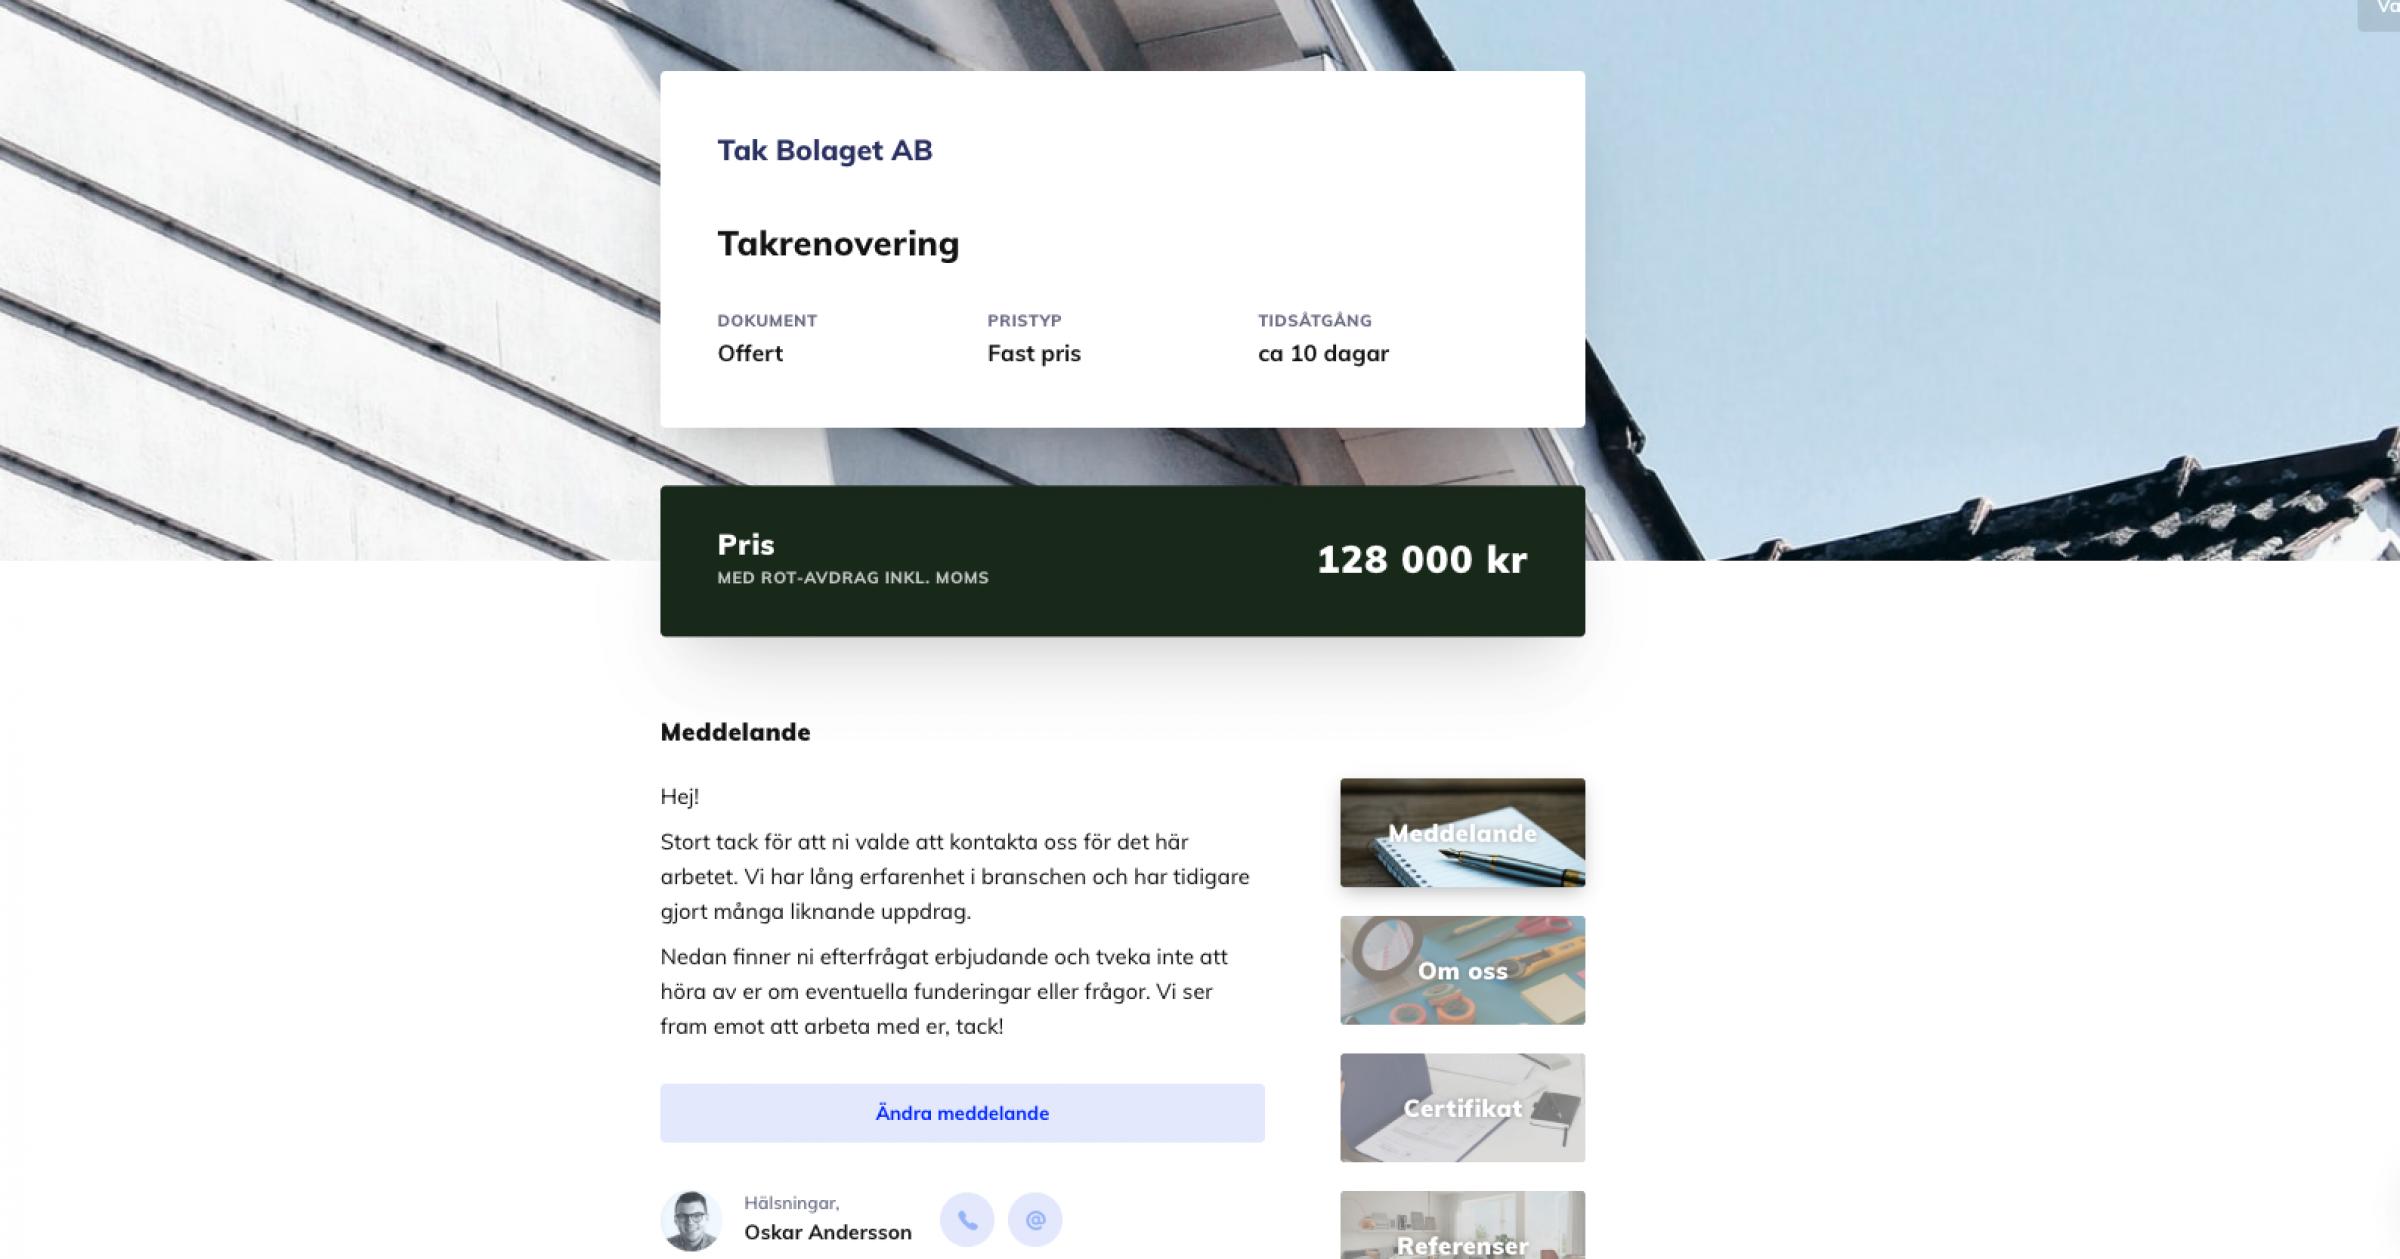 Offert- & avtalsmall för takbranschen